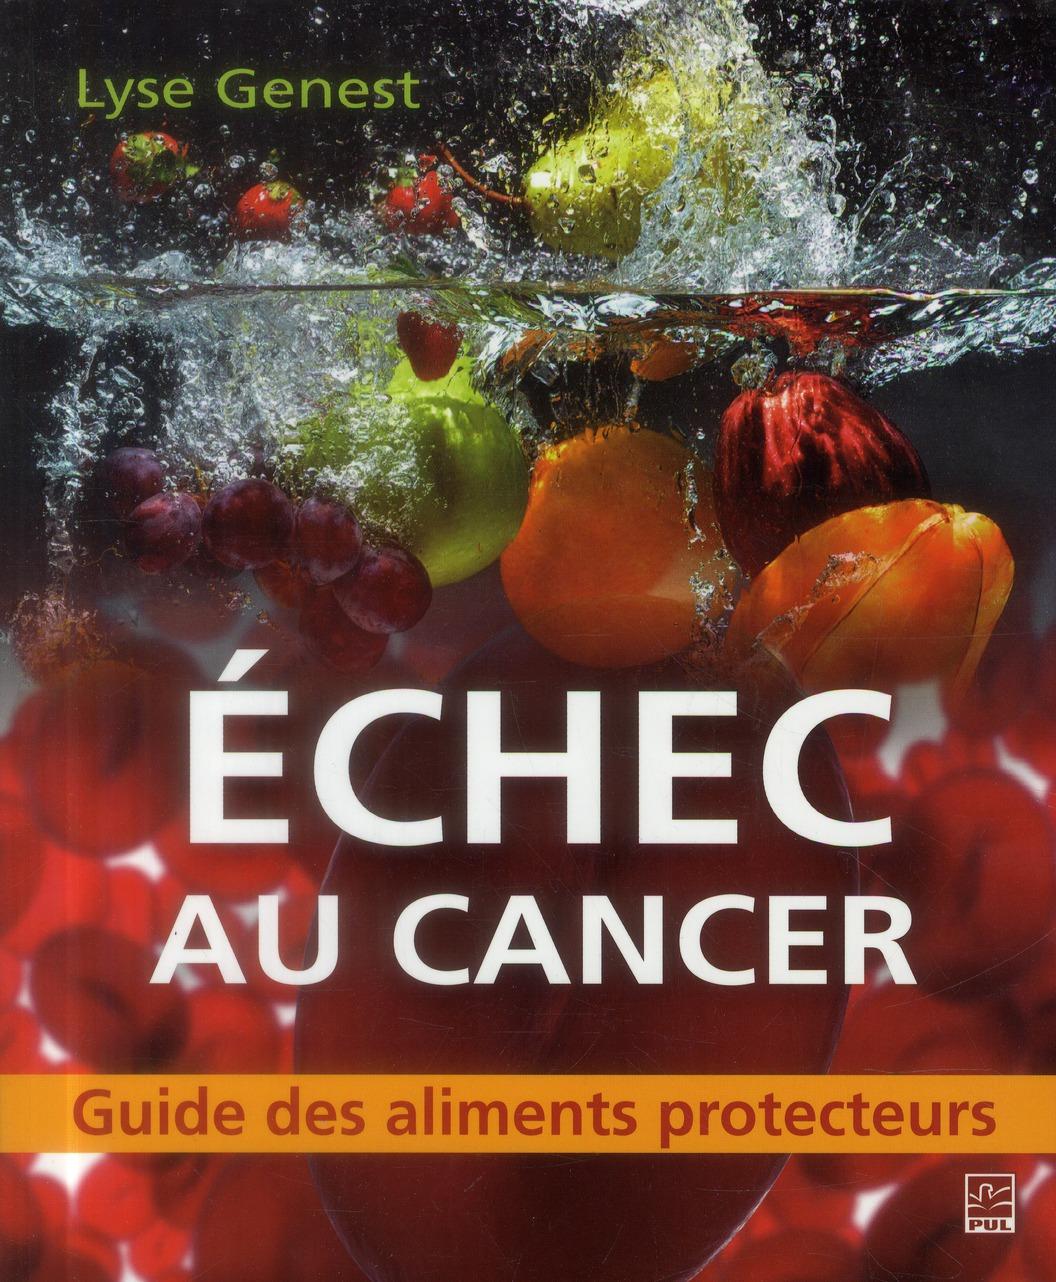 ECHEC AU CANCER : GUIDE DES ALIMENTS PROTECTEURS